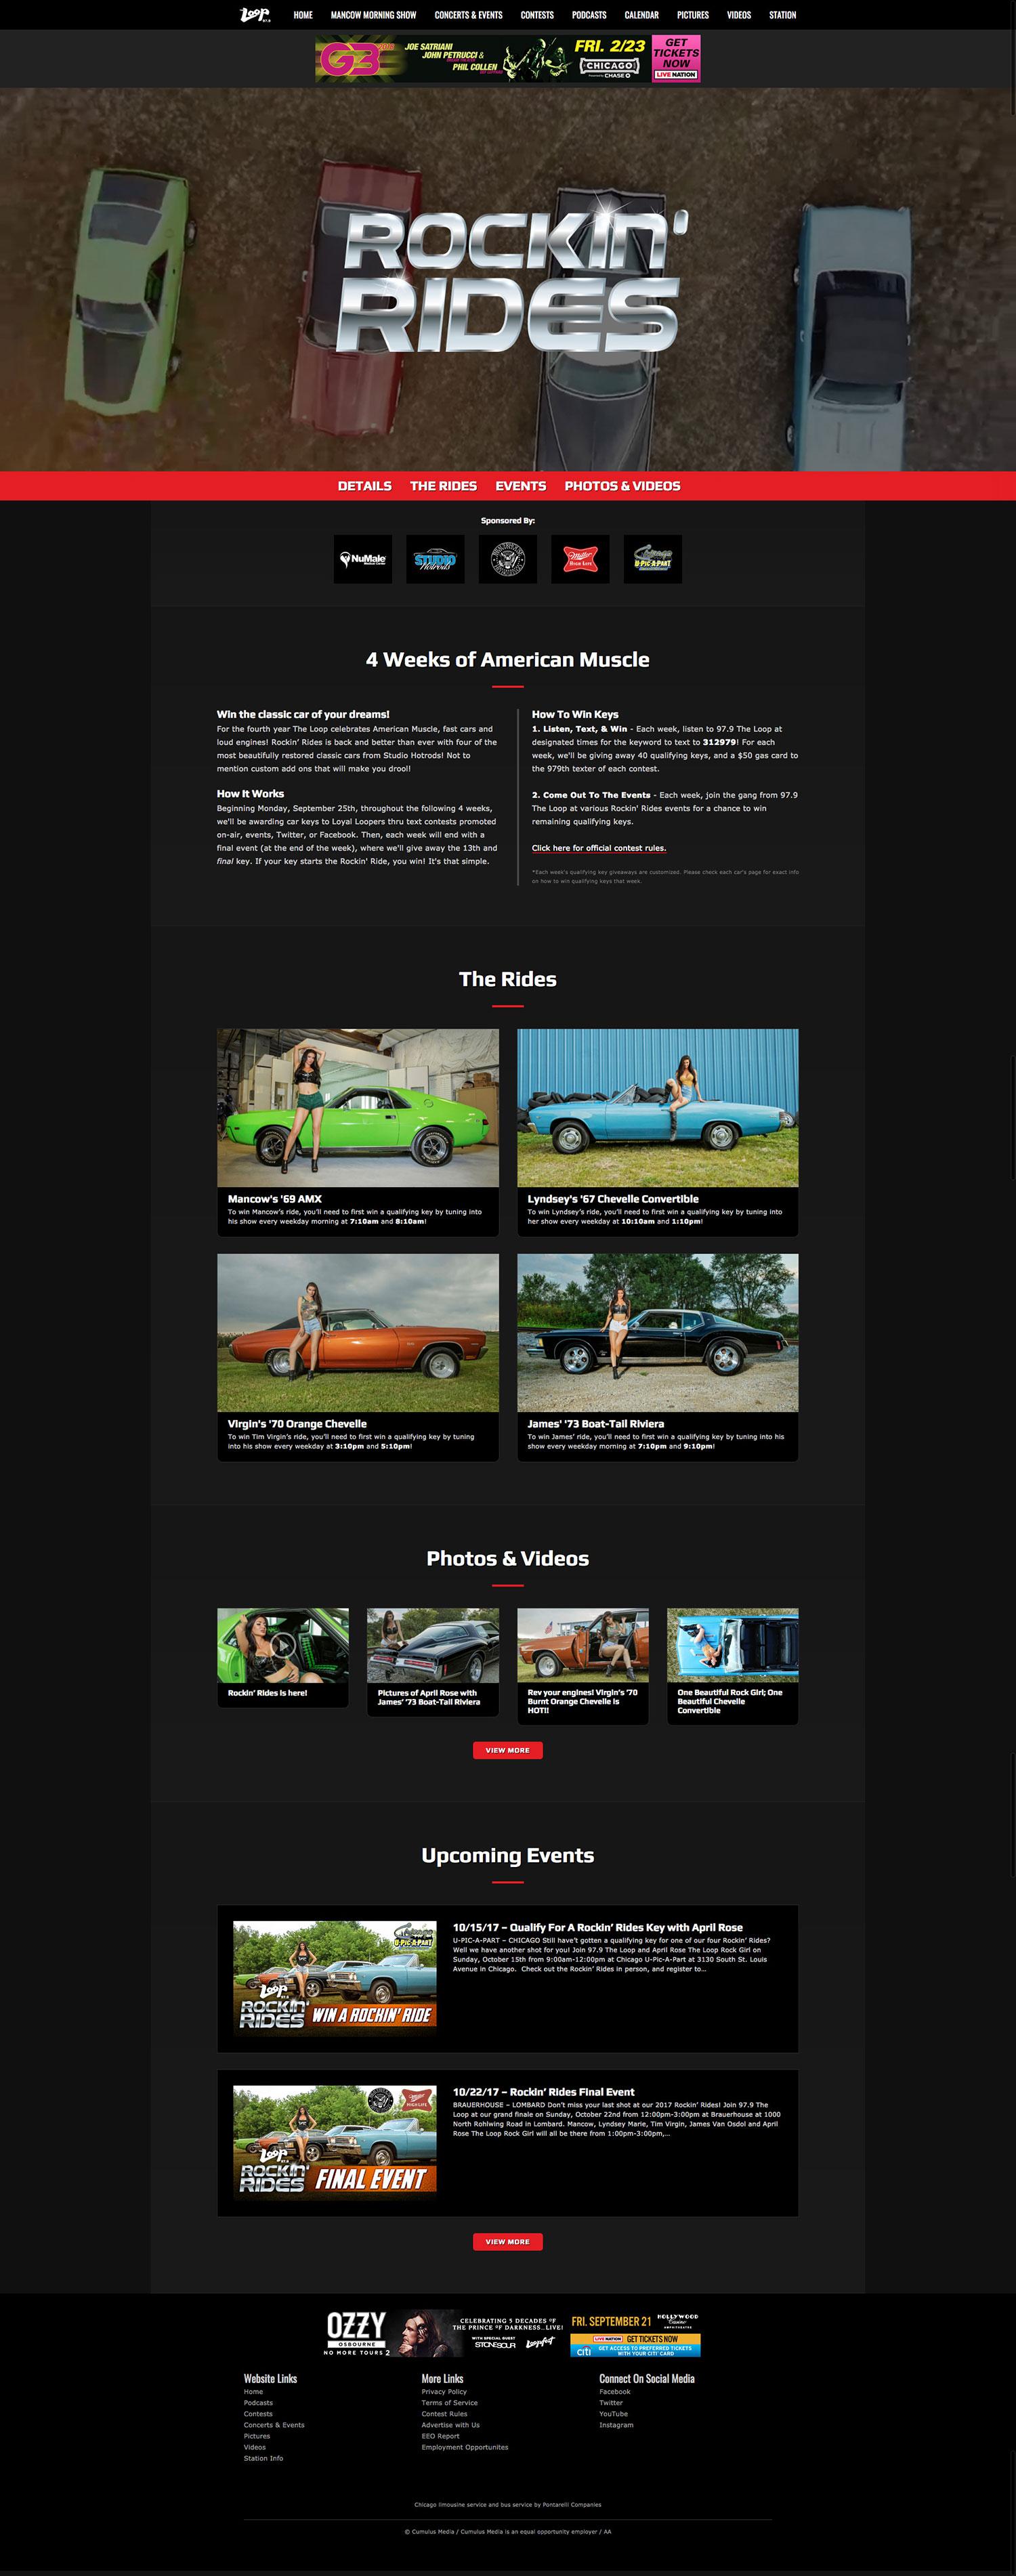 Rockin' Rides - Landing Page - Browser